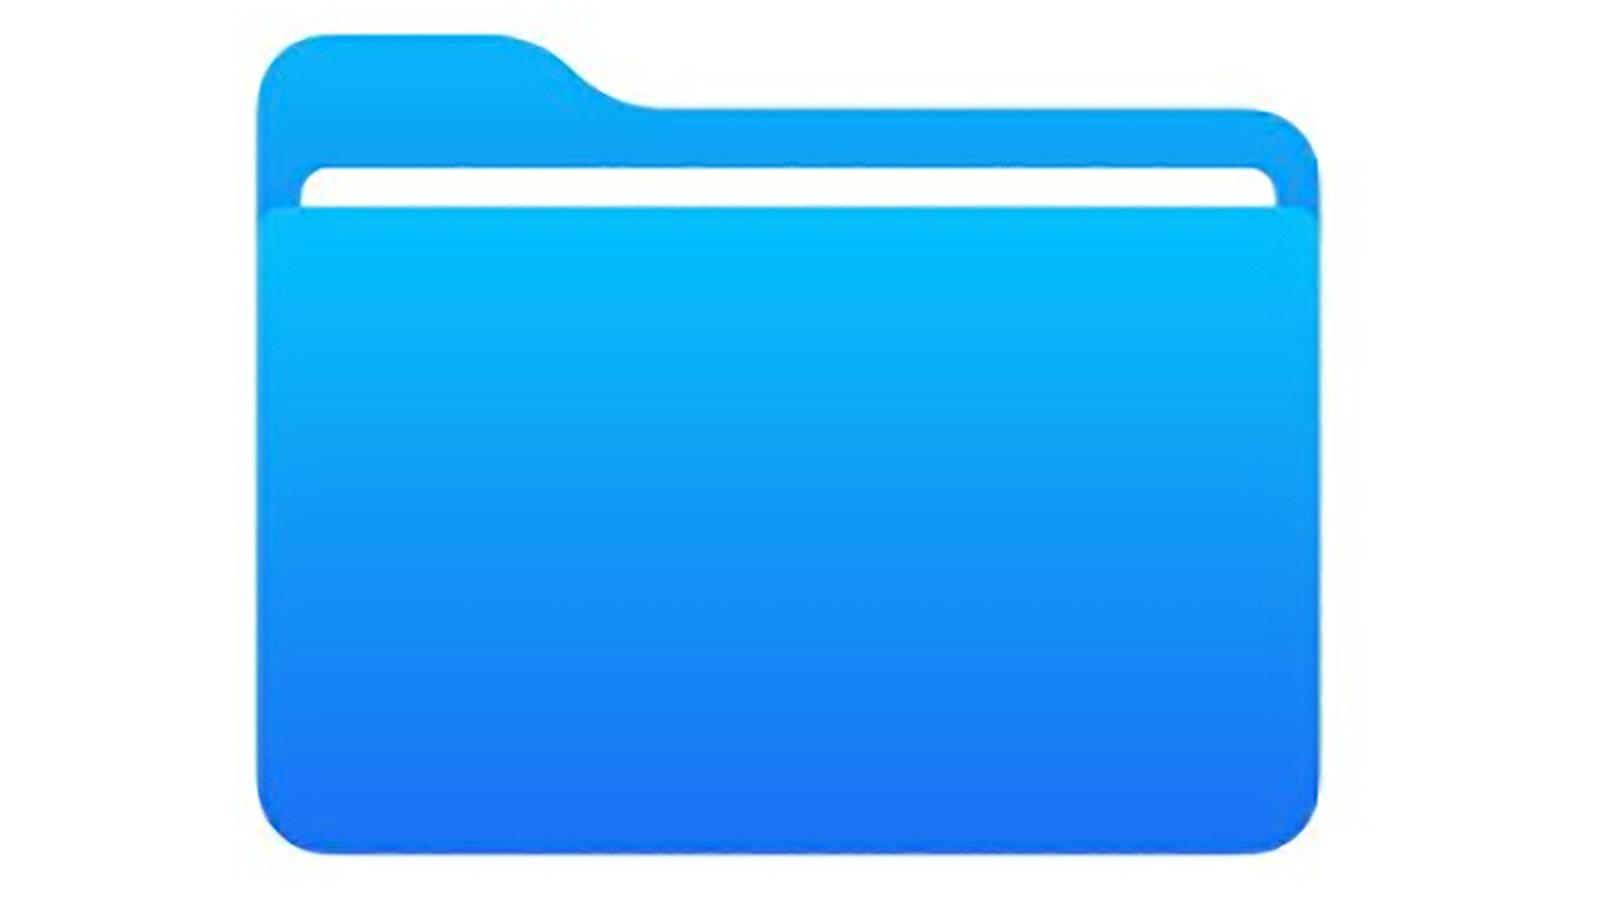 Una aplicaci n que se parece sospechosamente a un for Espejo q aparece en una pelicula